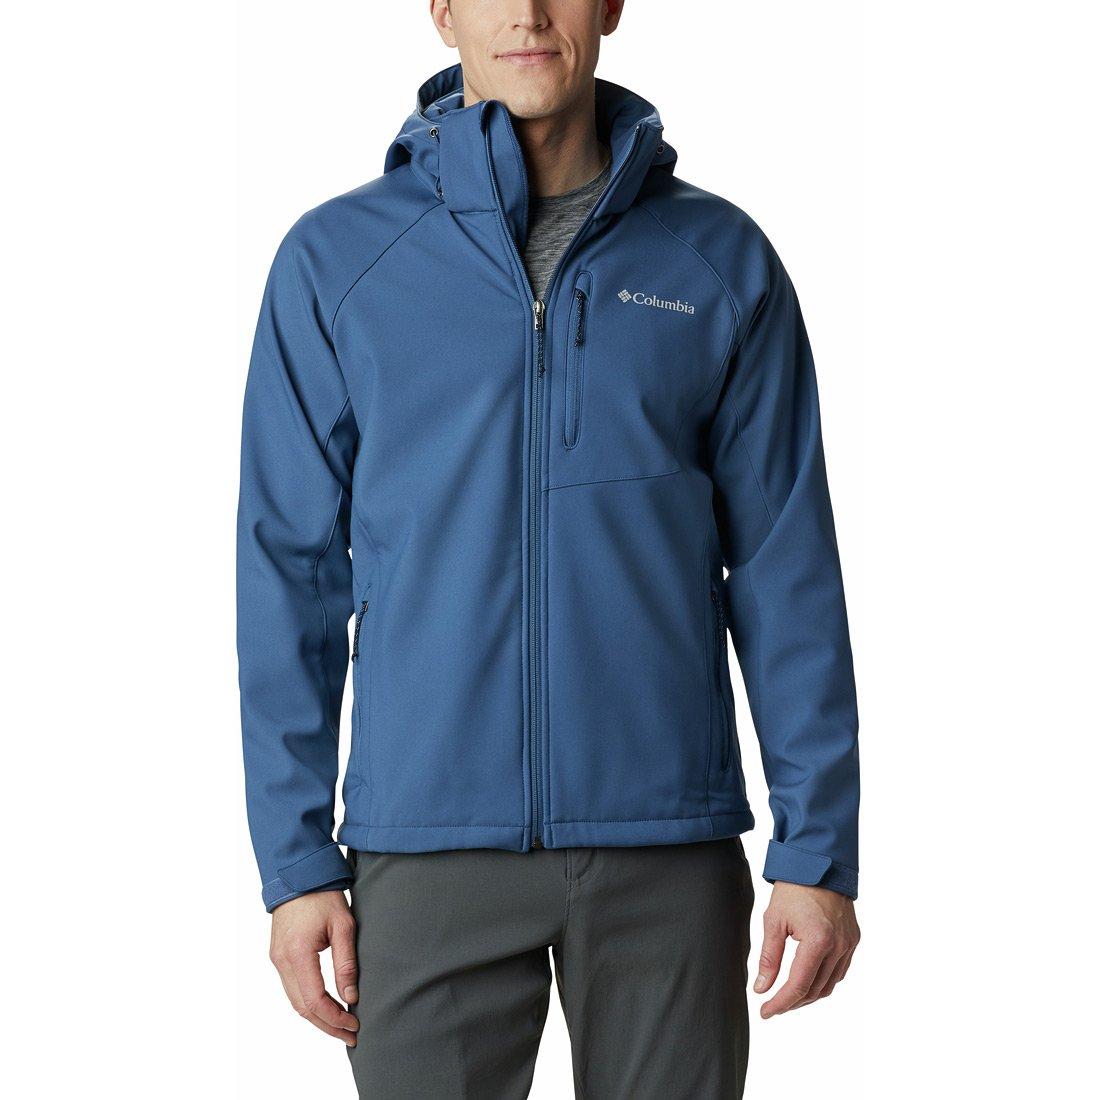 מעיל סופטשל לגברים - Cascade Ridge II SoftShell - Columbia